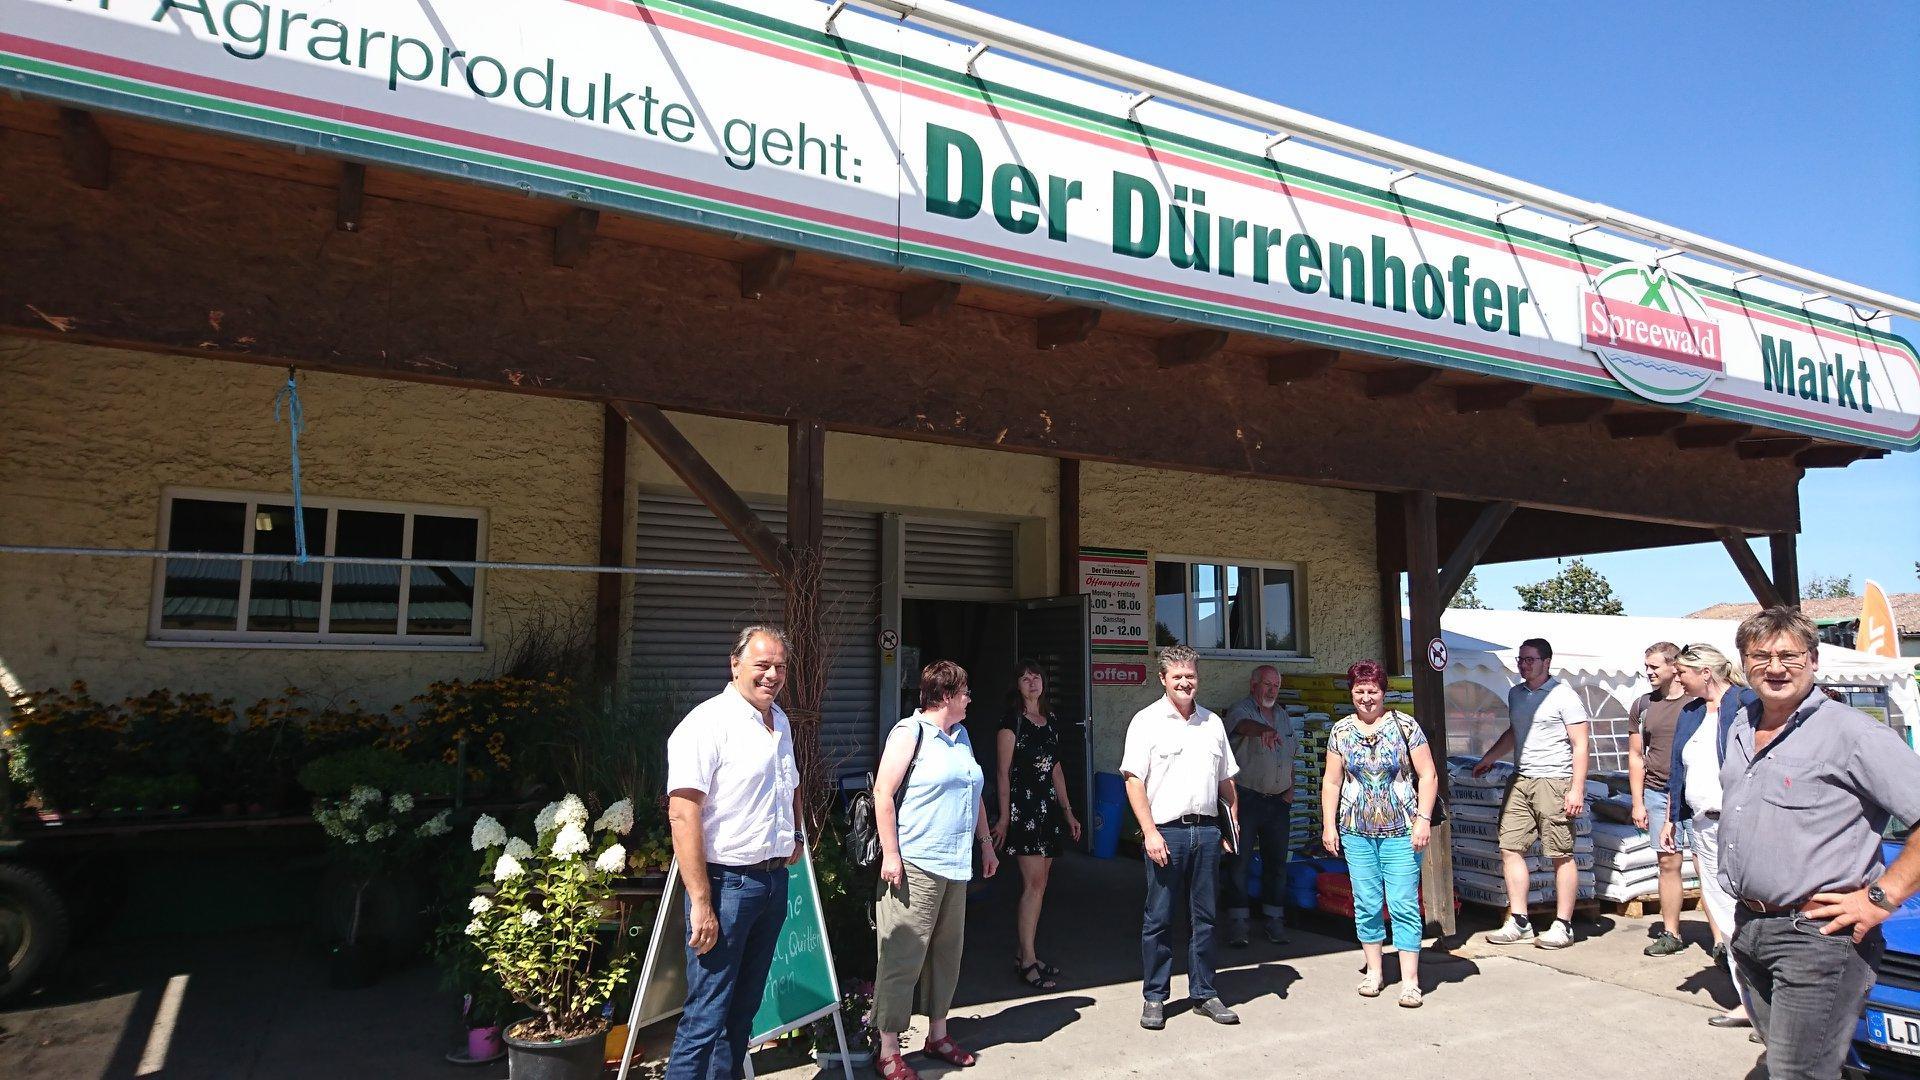 Direktvermarktungsseminar in Dürrenhofe